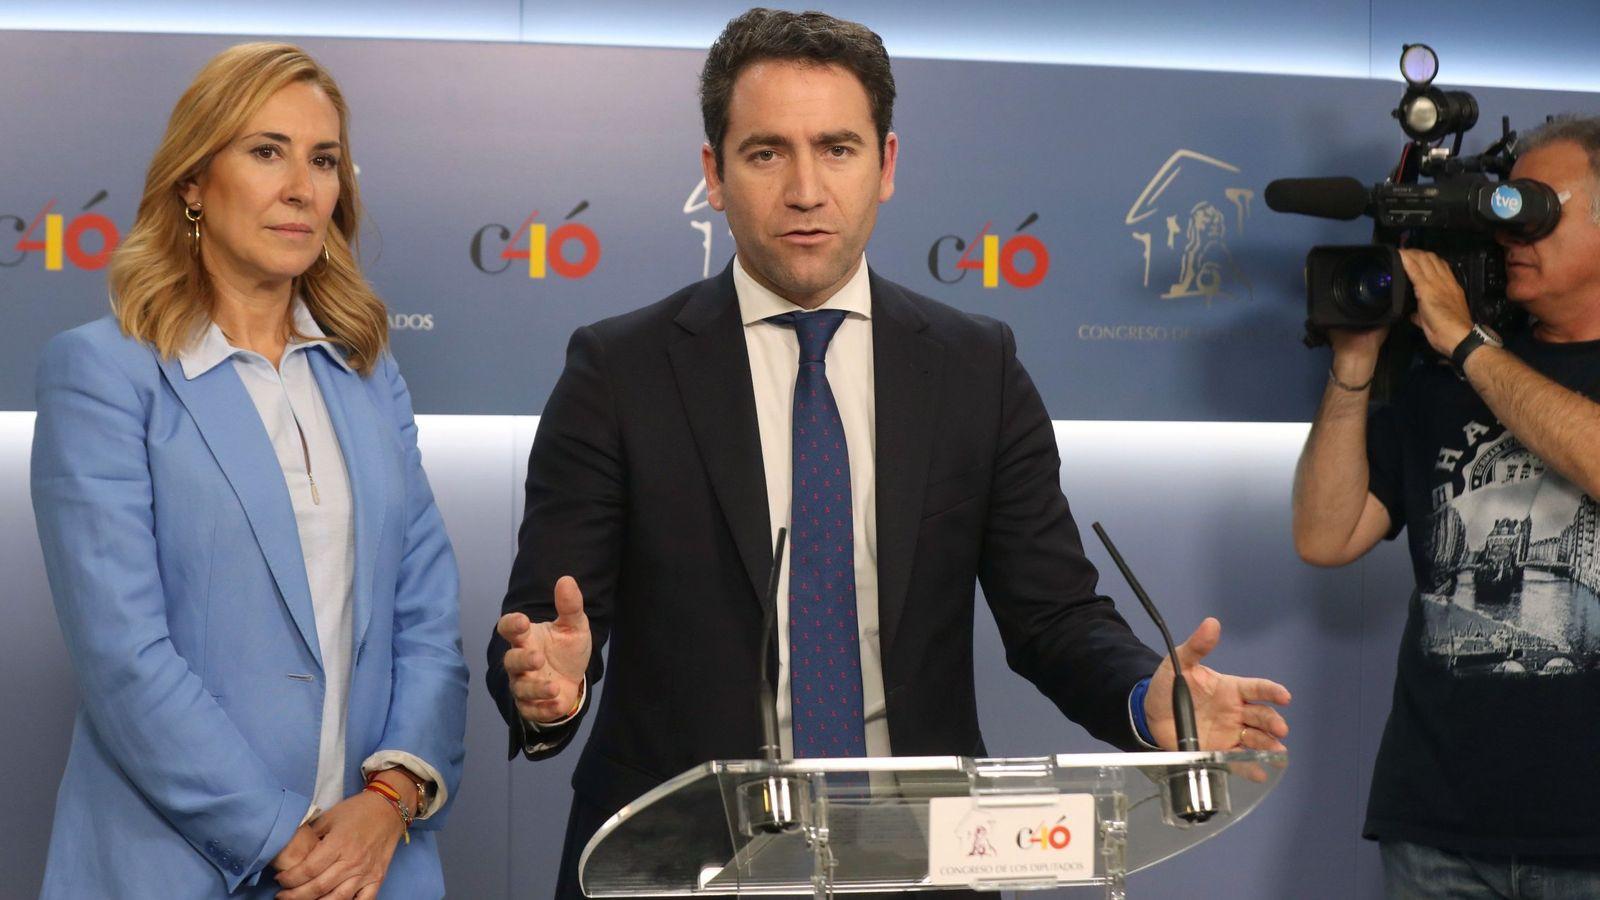 Foto: El secretario general del PP, Teodoro García Egea, y la presidenta del PP de la Comunidad de Navarra, Ana Beltrán, atienden a la prensa tras su reunión con miembros de la dirección de Vox. (EFE)